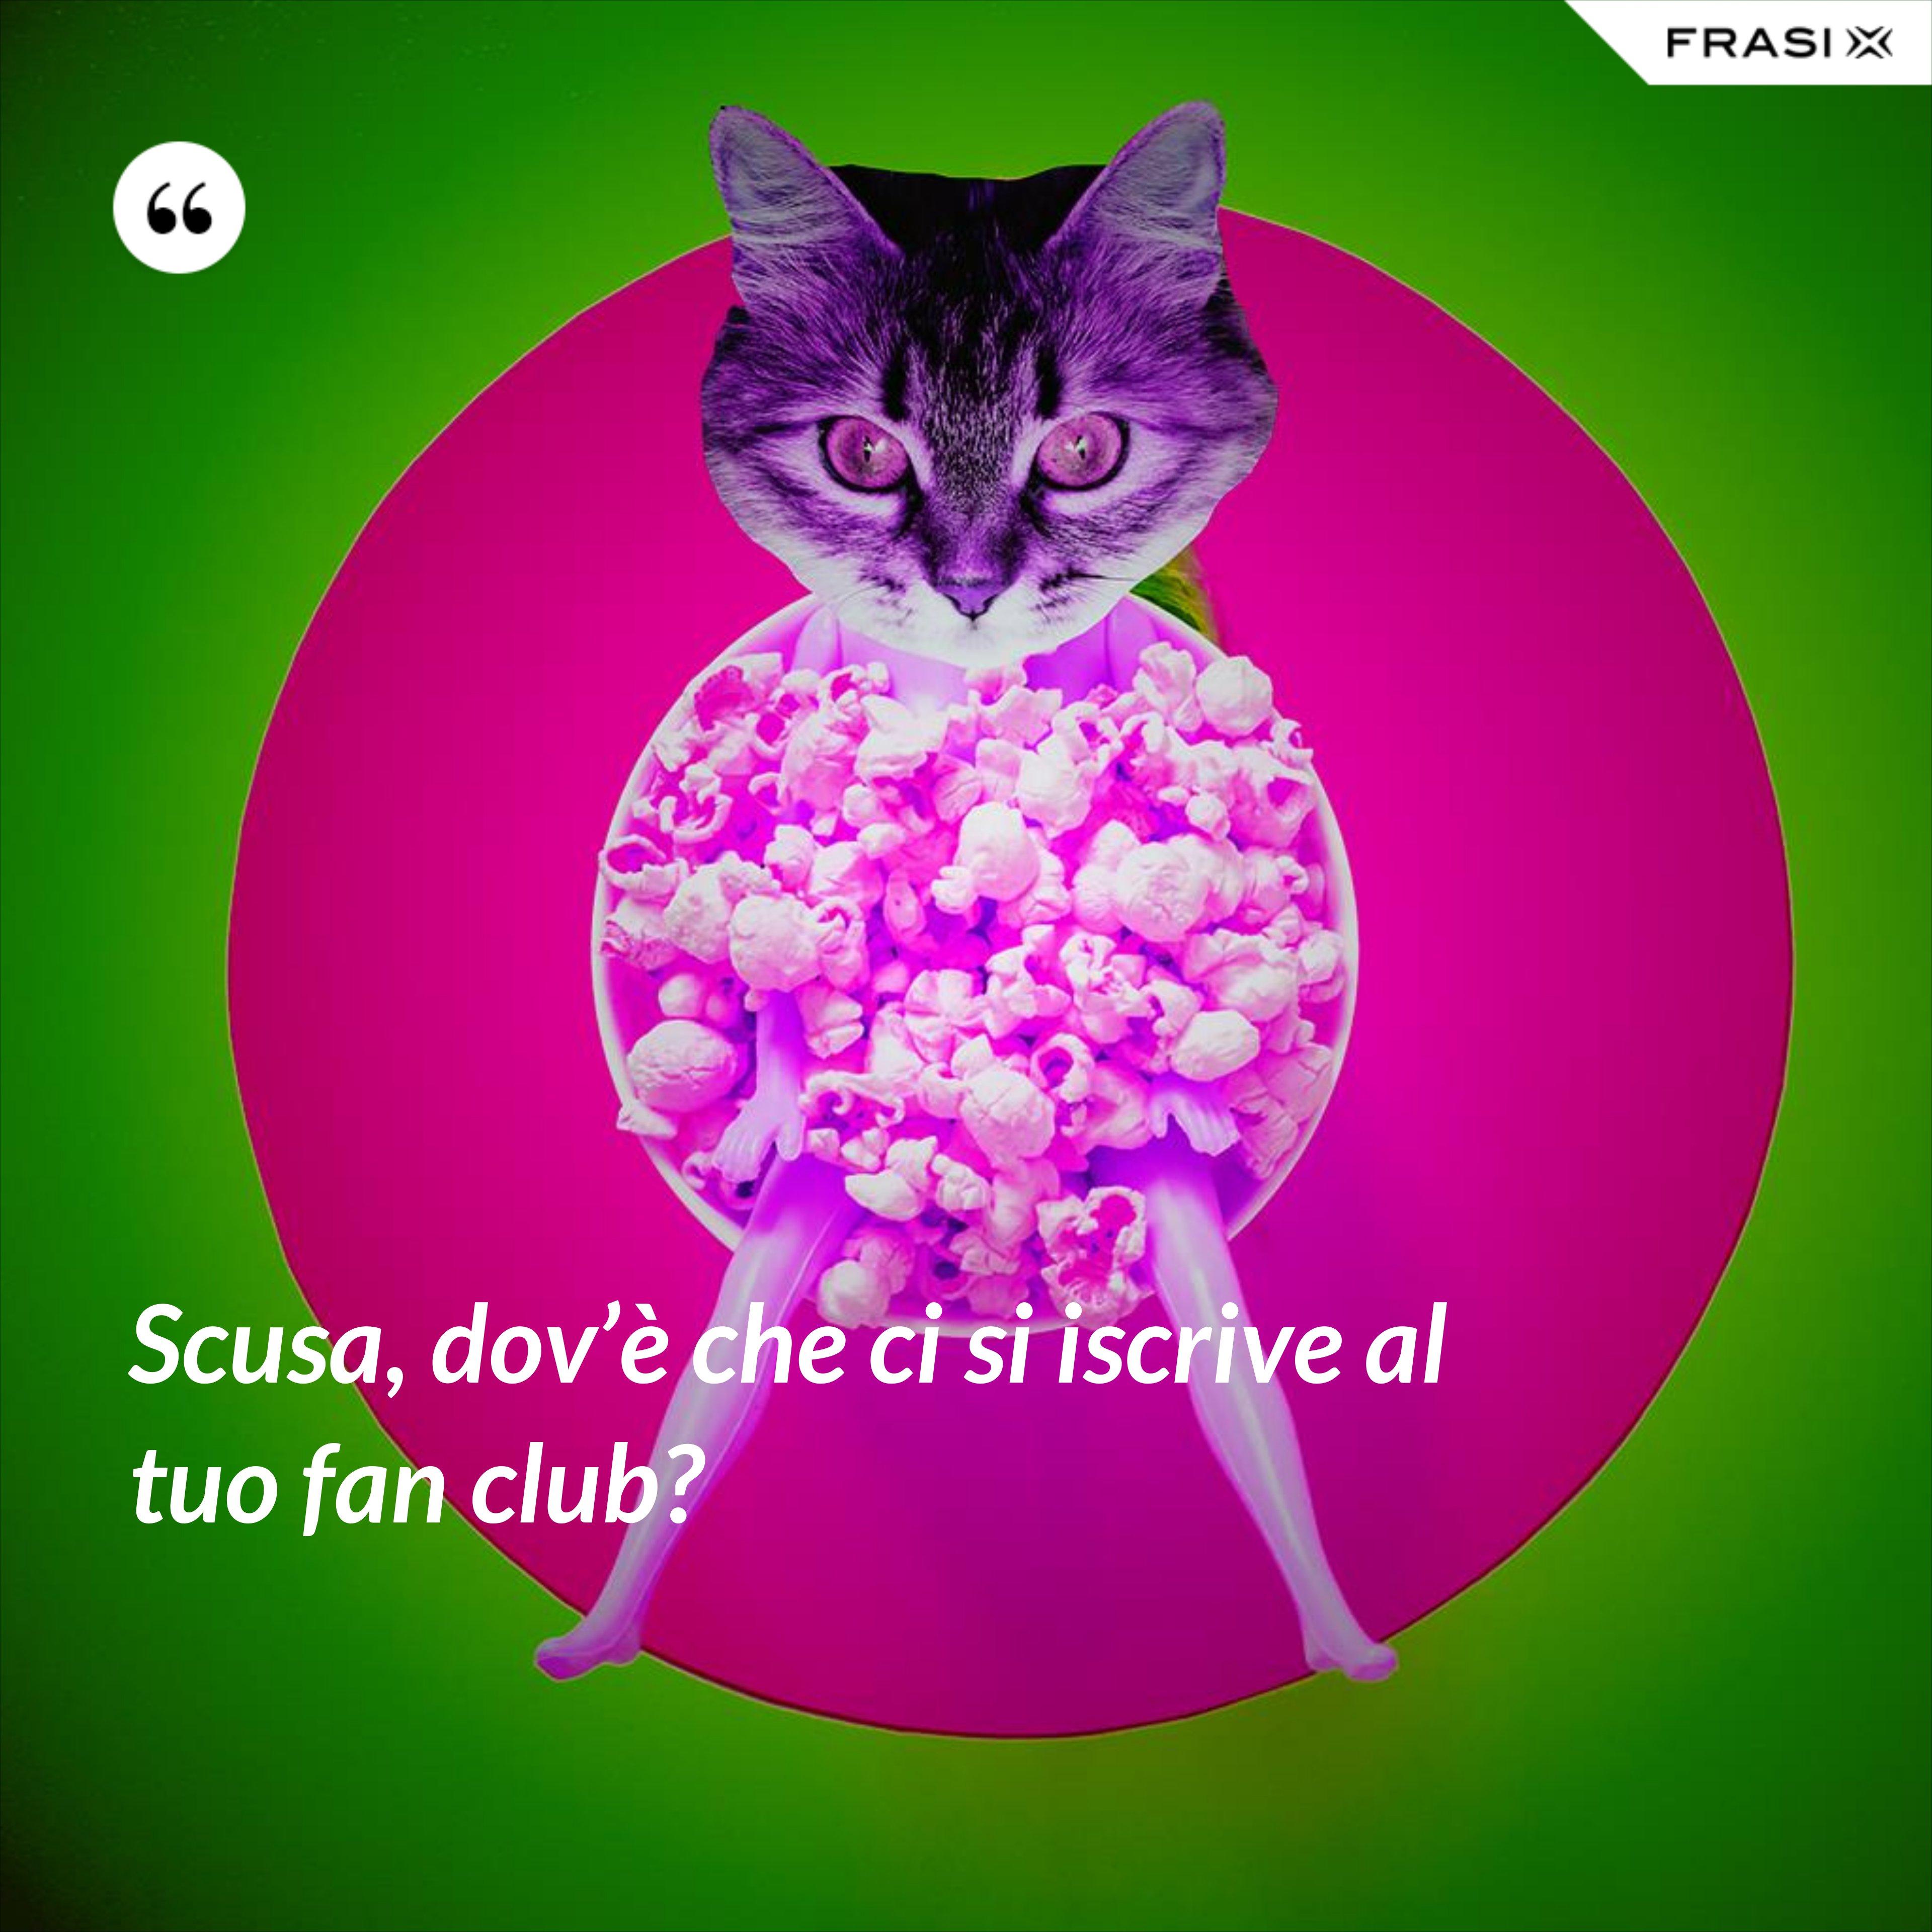 Scusa, dov'è che ci si iscrive al tuo fan club? - Anonimo